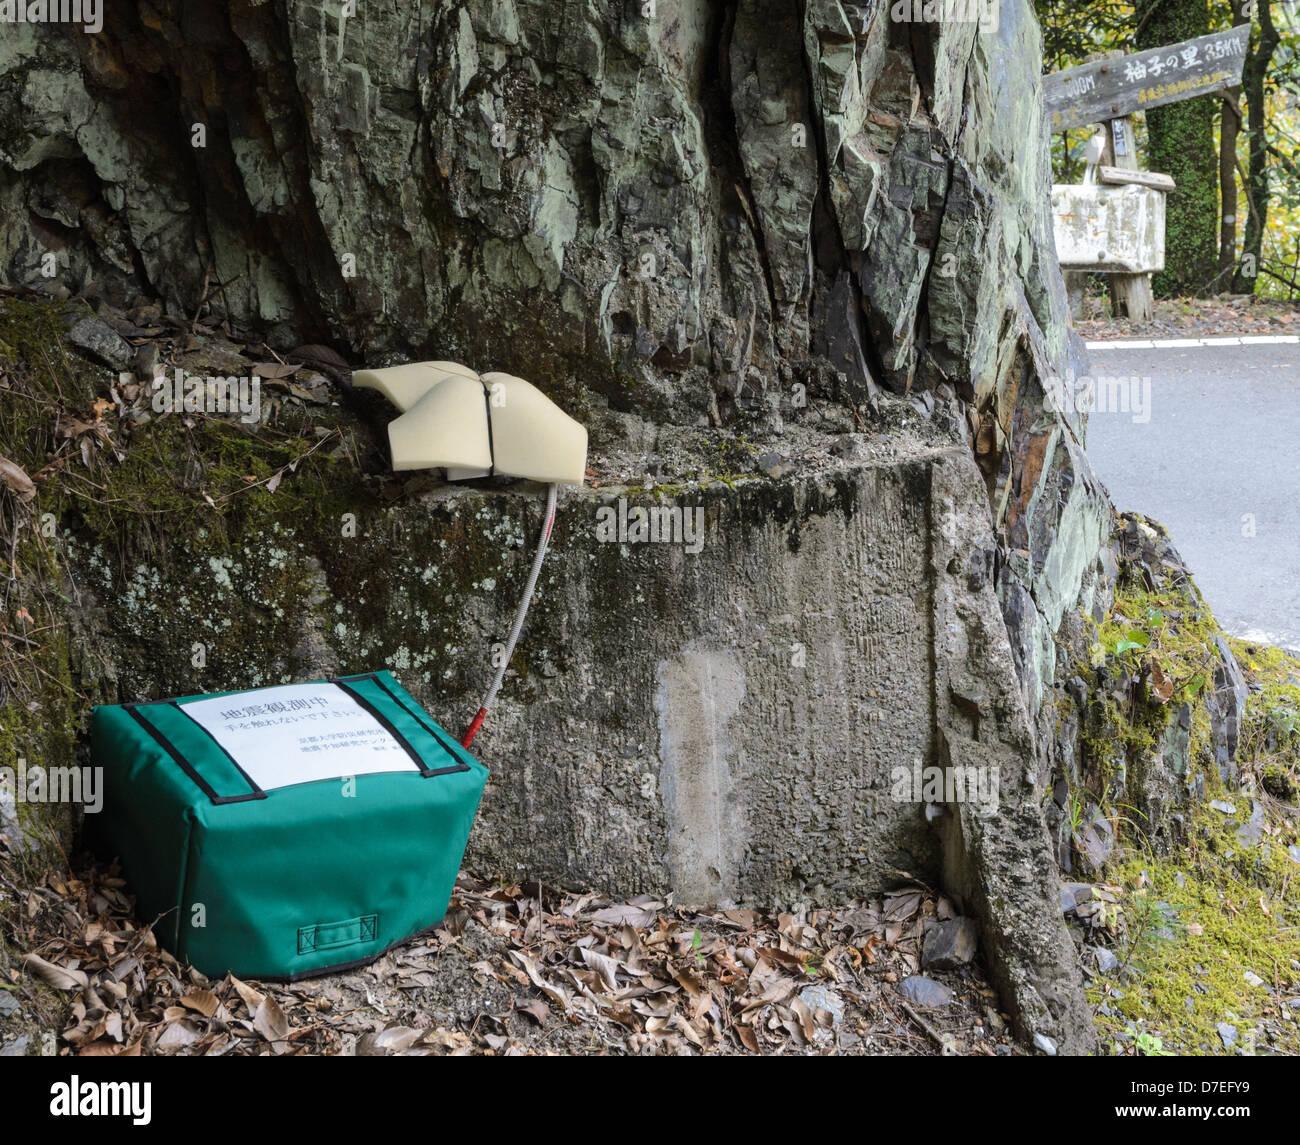 Seismometer (Seismographen) überwacht Erdbeben im Erdbeben anfällig Herkunftsland Japan - Frühwarnsystem; Stockbild